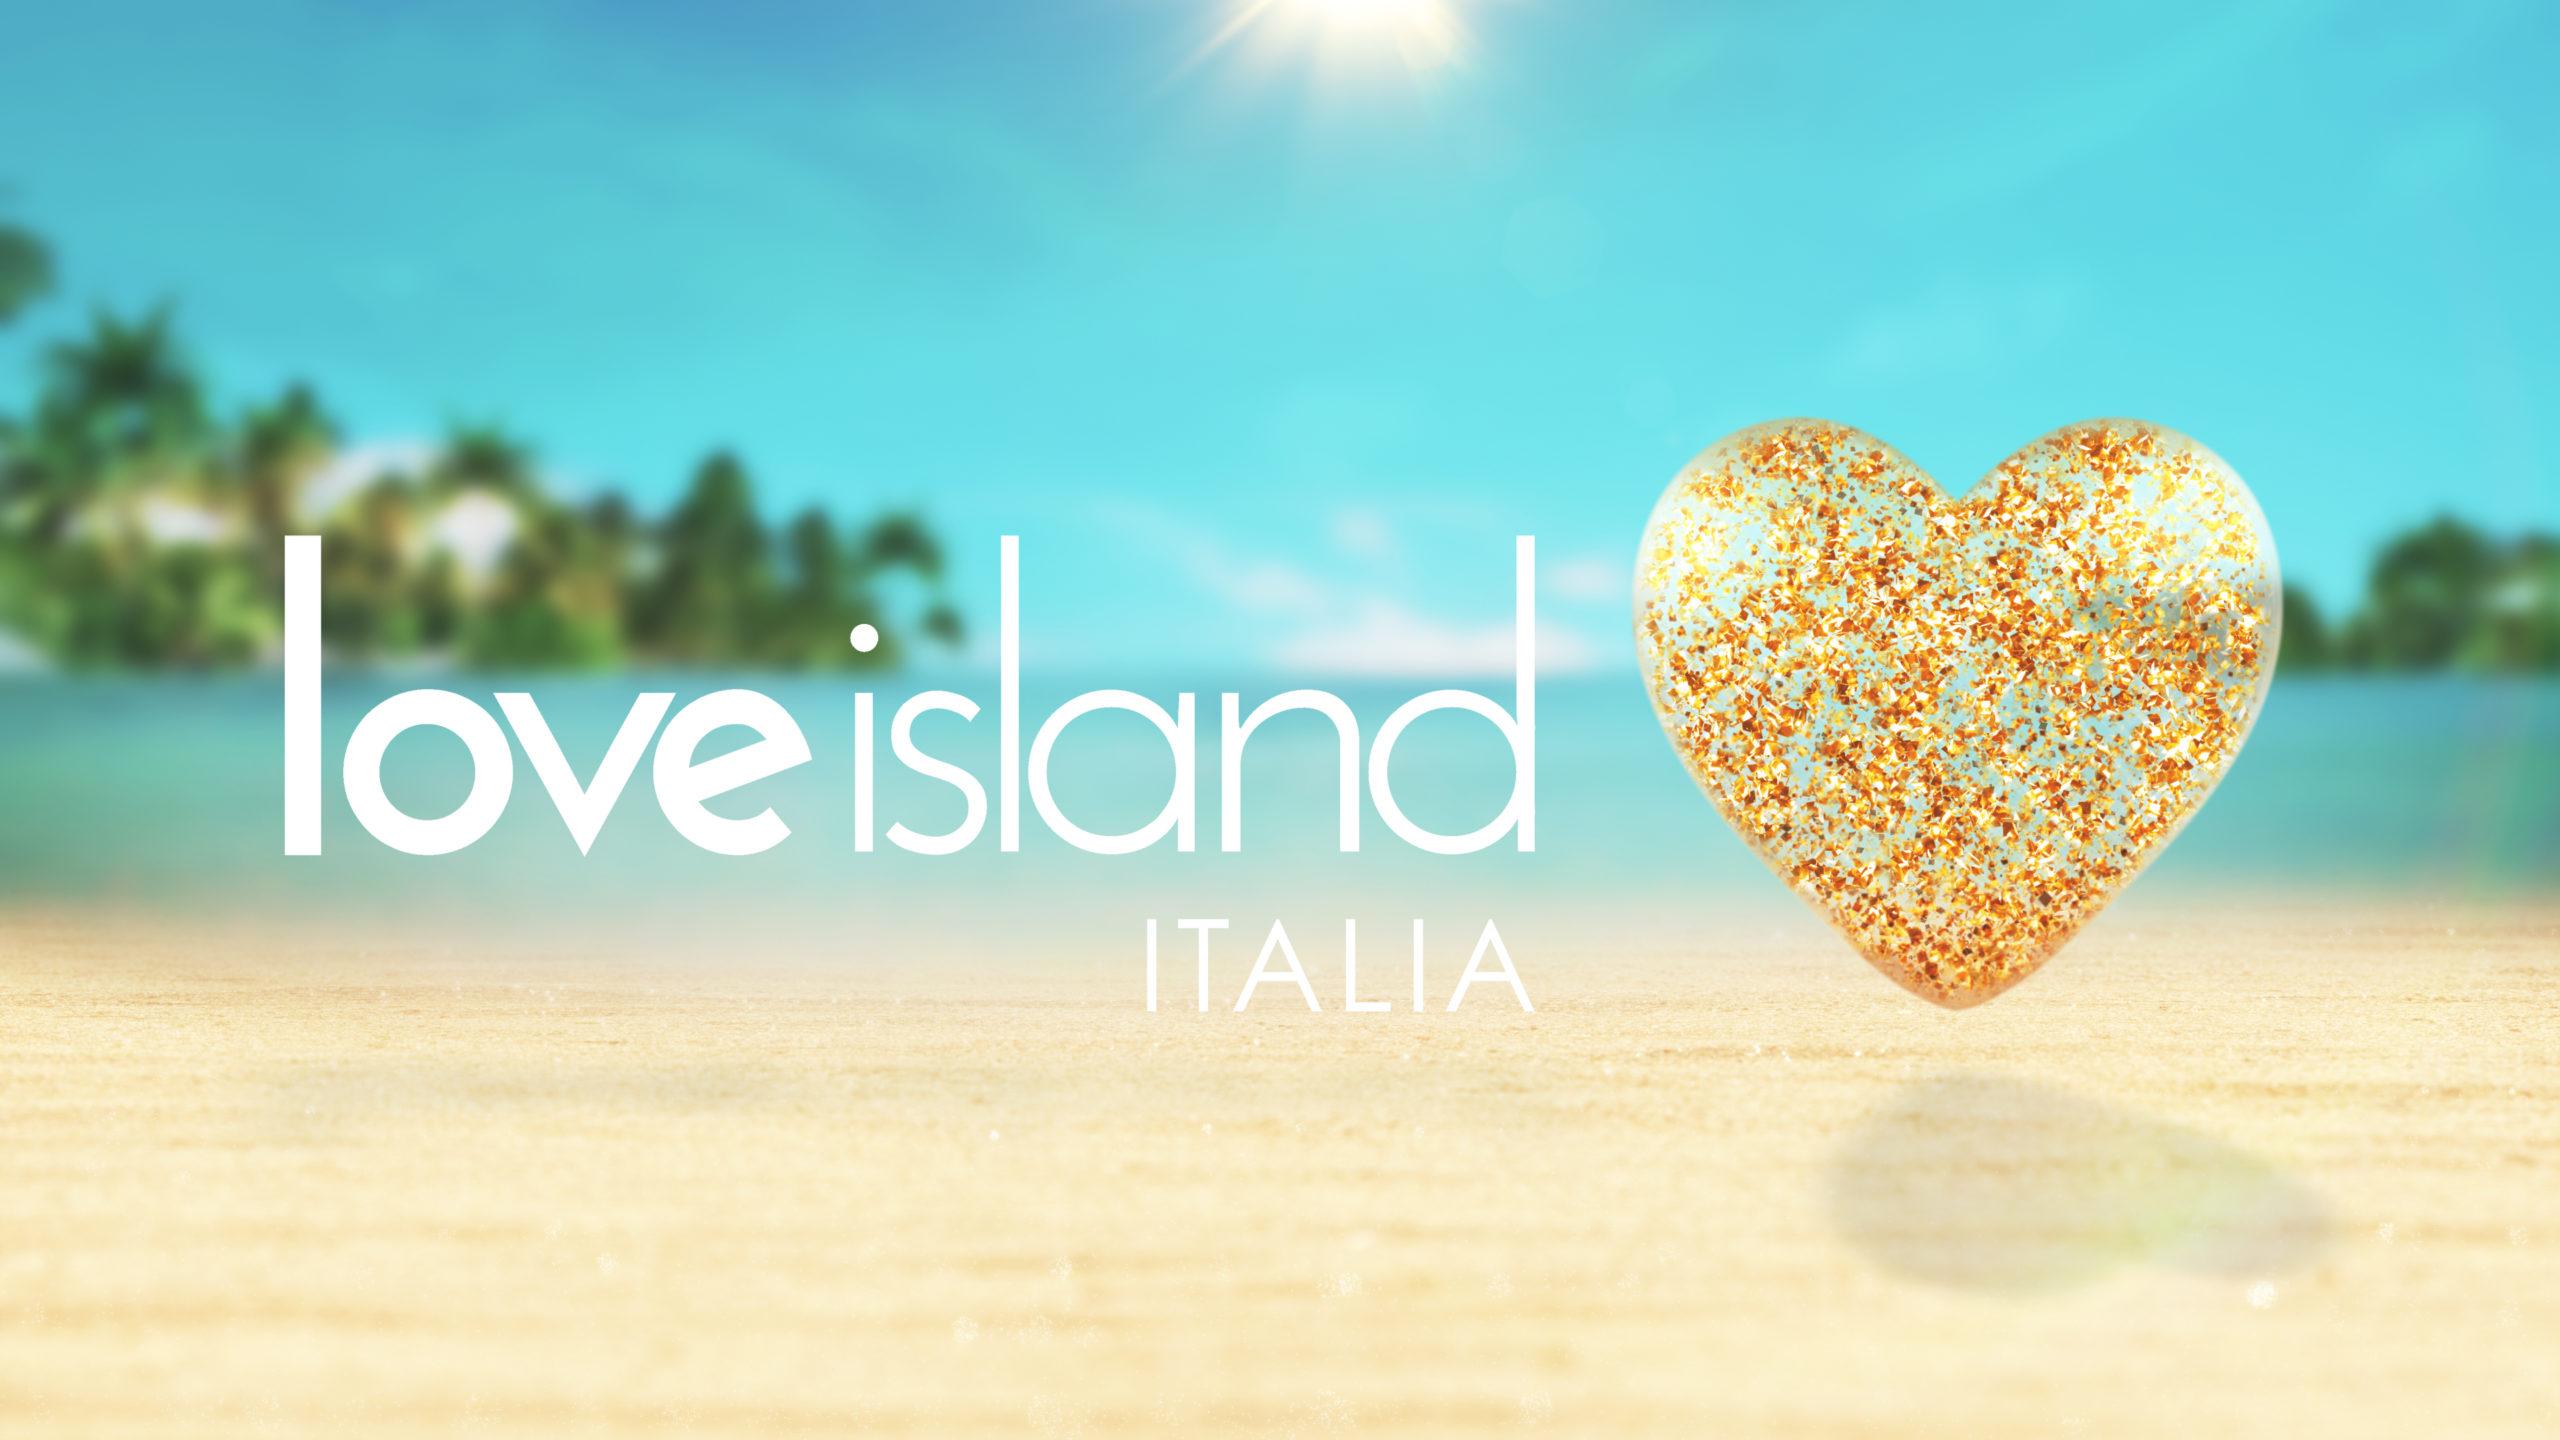 Italia Love island fondo spiaggia